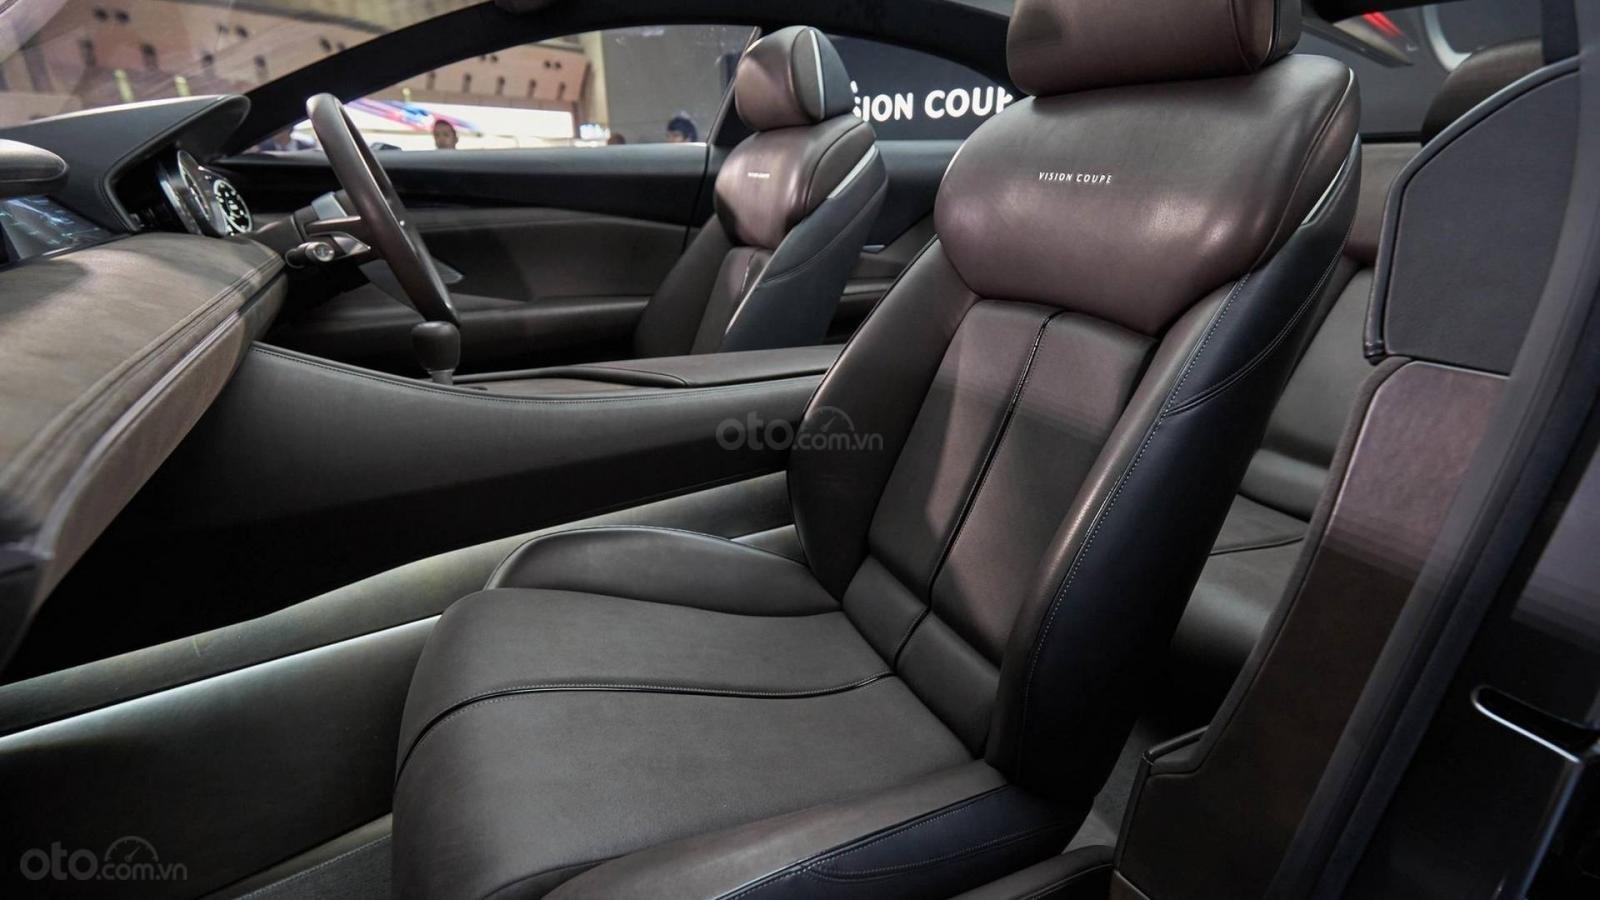 Xe Mazda mới có thể là tín hiệu cho thấy hãng muốn nâng giá, nhảy phân khúc kinh doanh